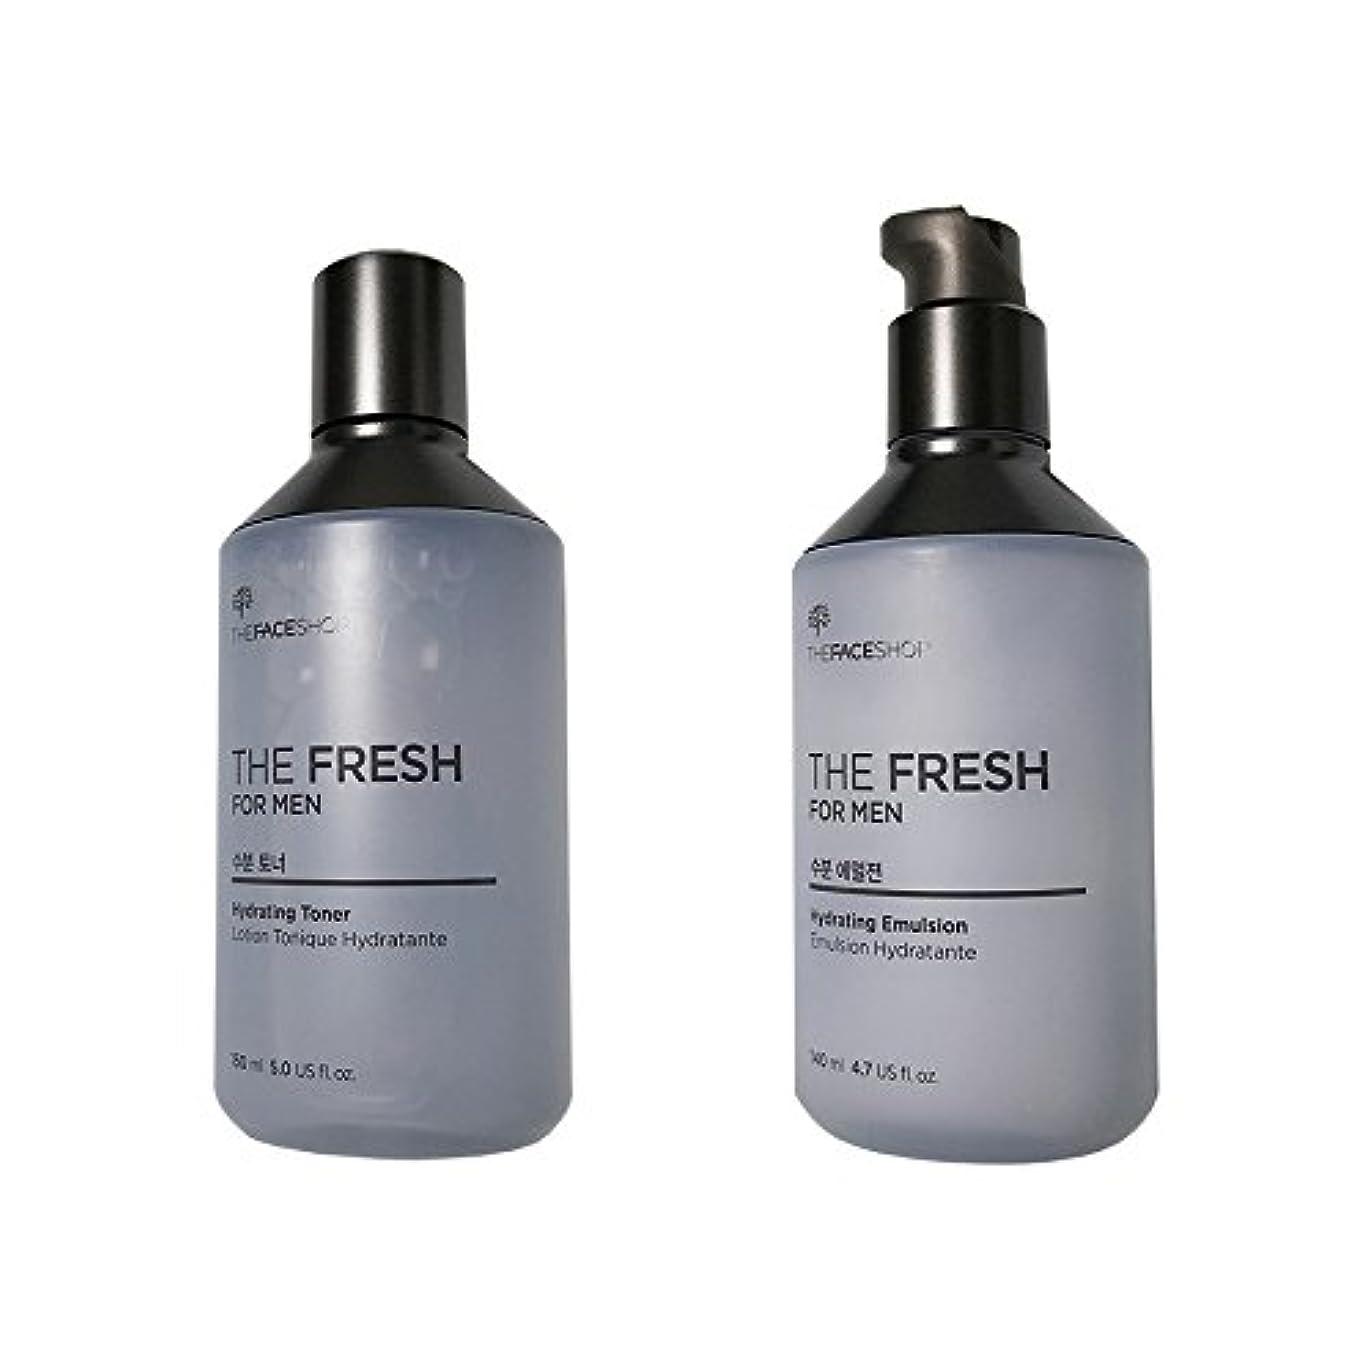 適切に健康的スタッフ[ザ?フェイスショップ] The Face Shop ザフレッシュフォーマン水分スキンケアセット(エマルジョン140ml+トナー150ml) The Face Shop The Fresh For Men Hydrating Skincare Set(emulsion140ml+Toner150ml) [海外直送品]